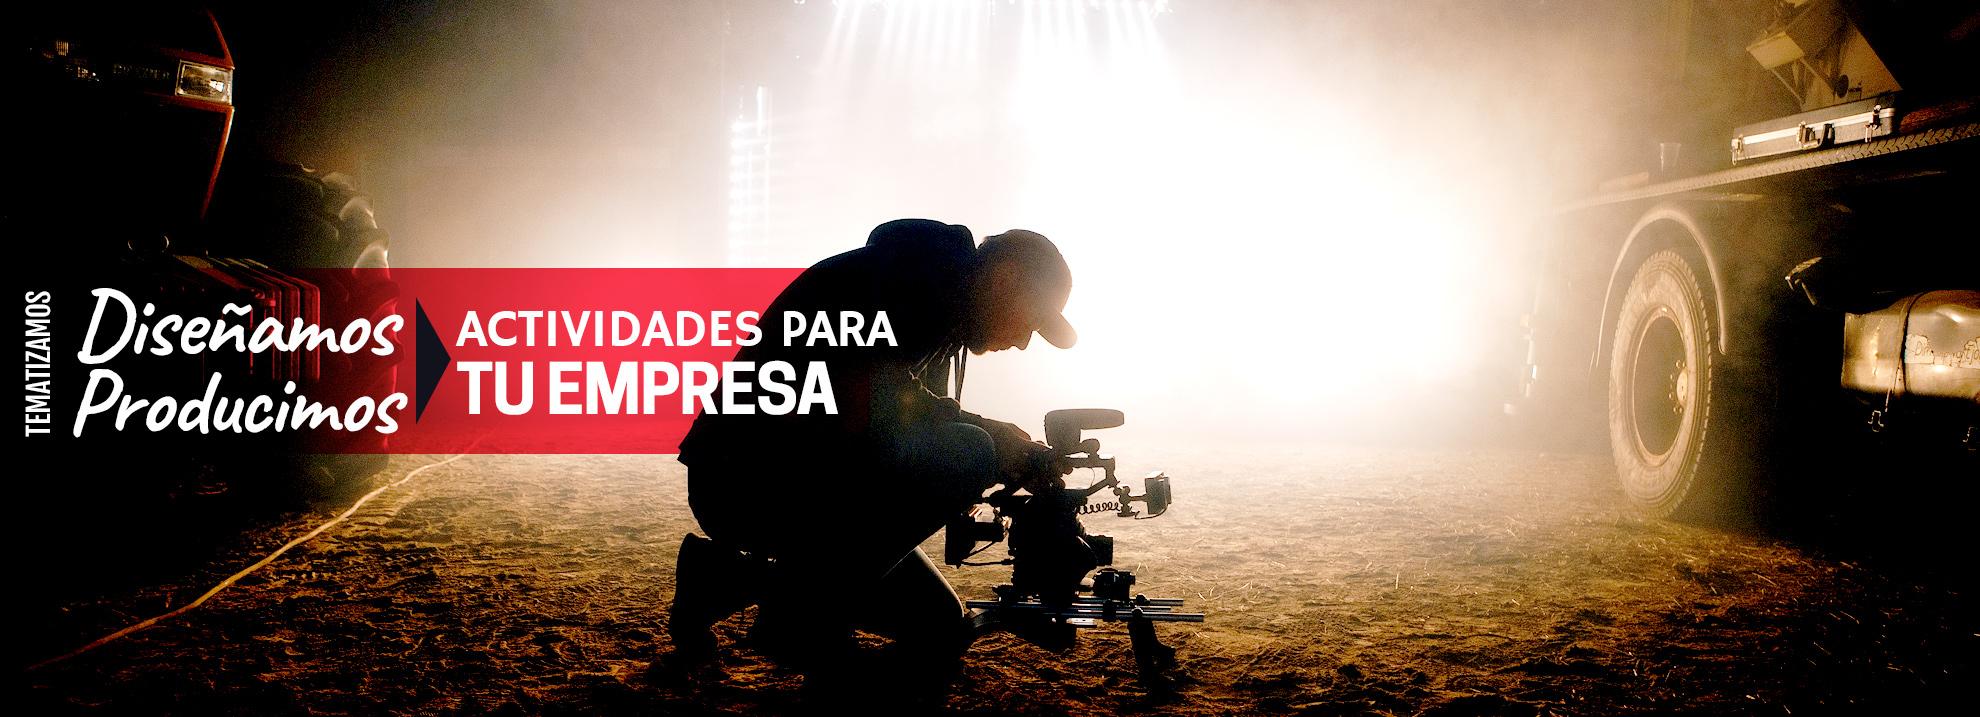 Video corporativo de cine